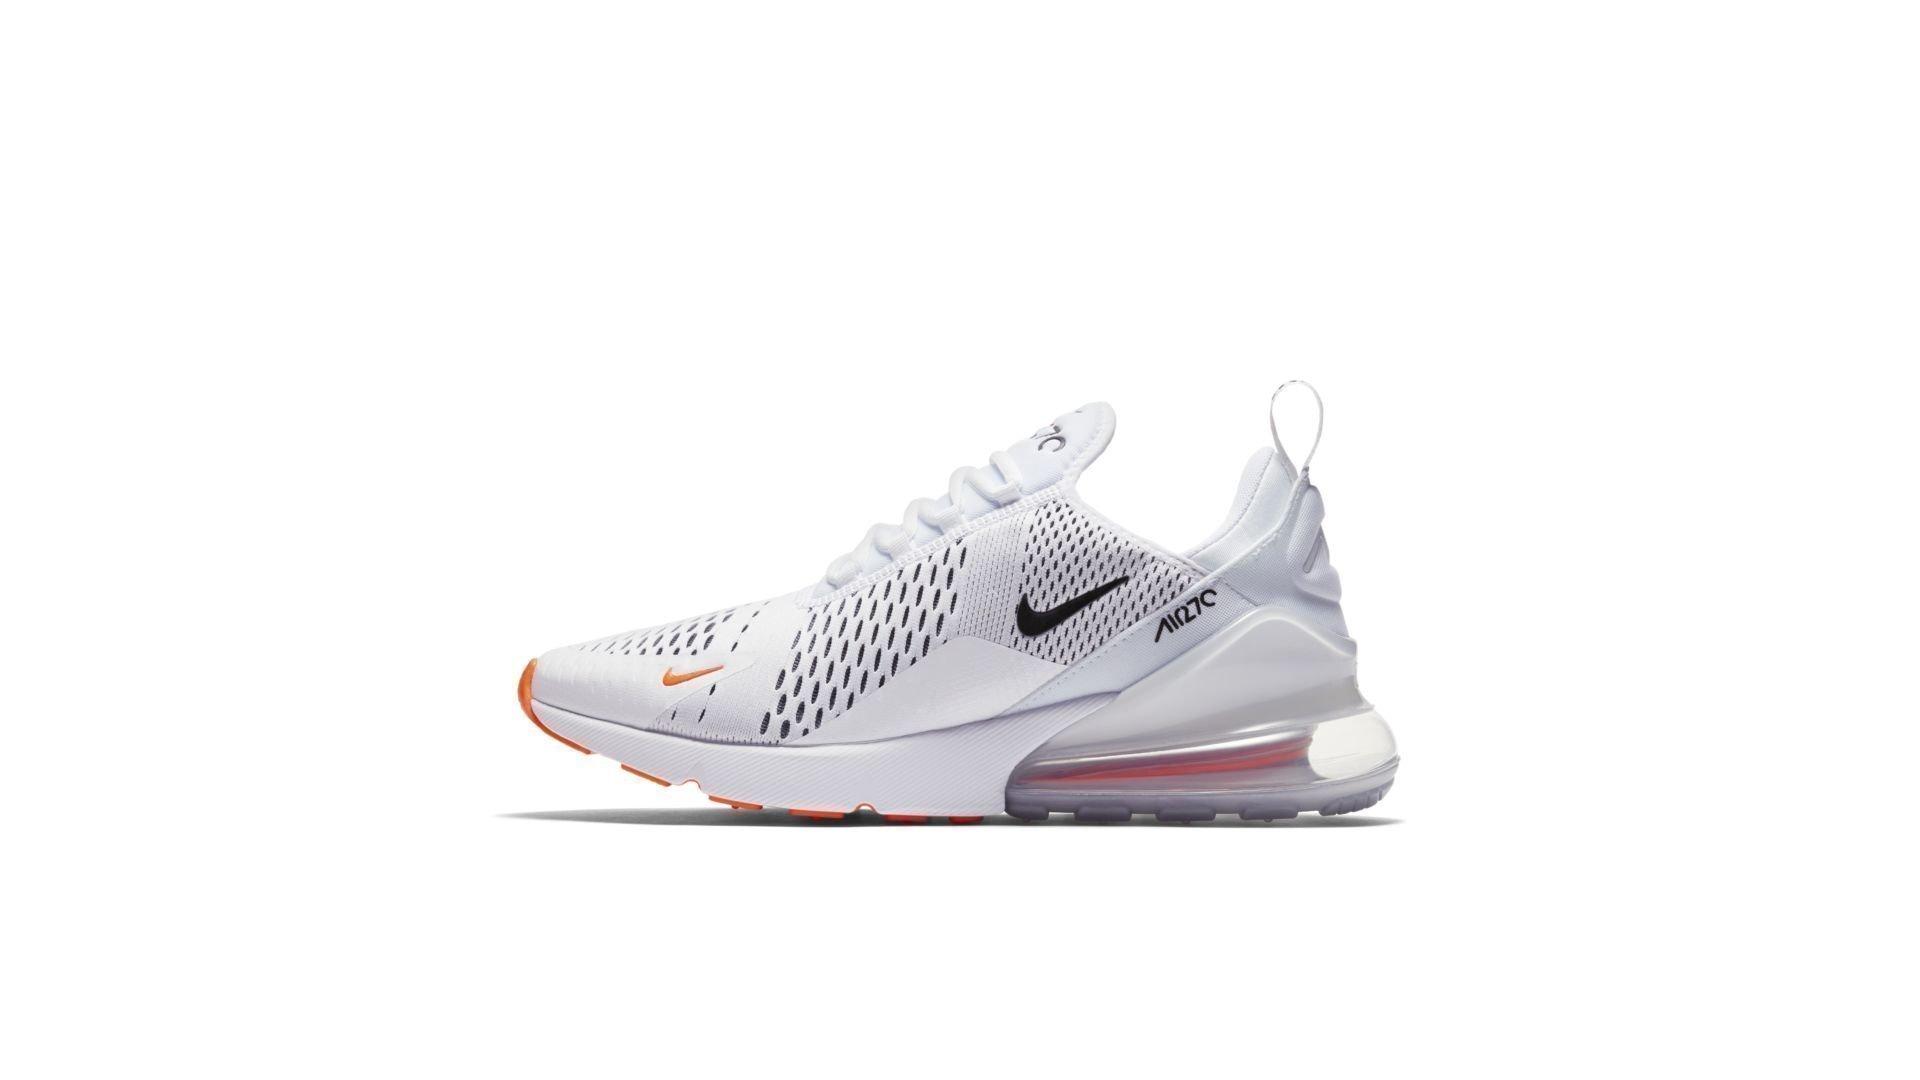 Nike Air Max 270 'Just Do It' White (AH8050-106)